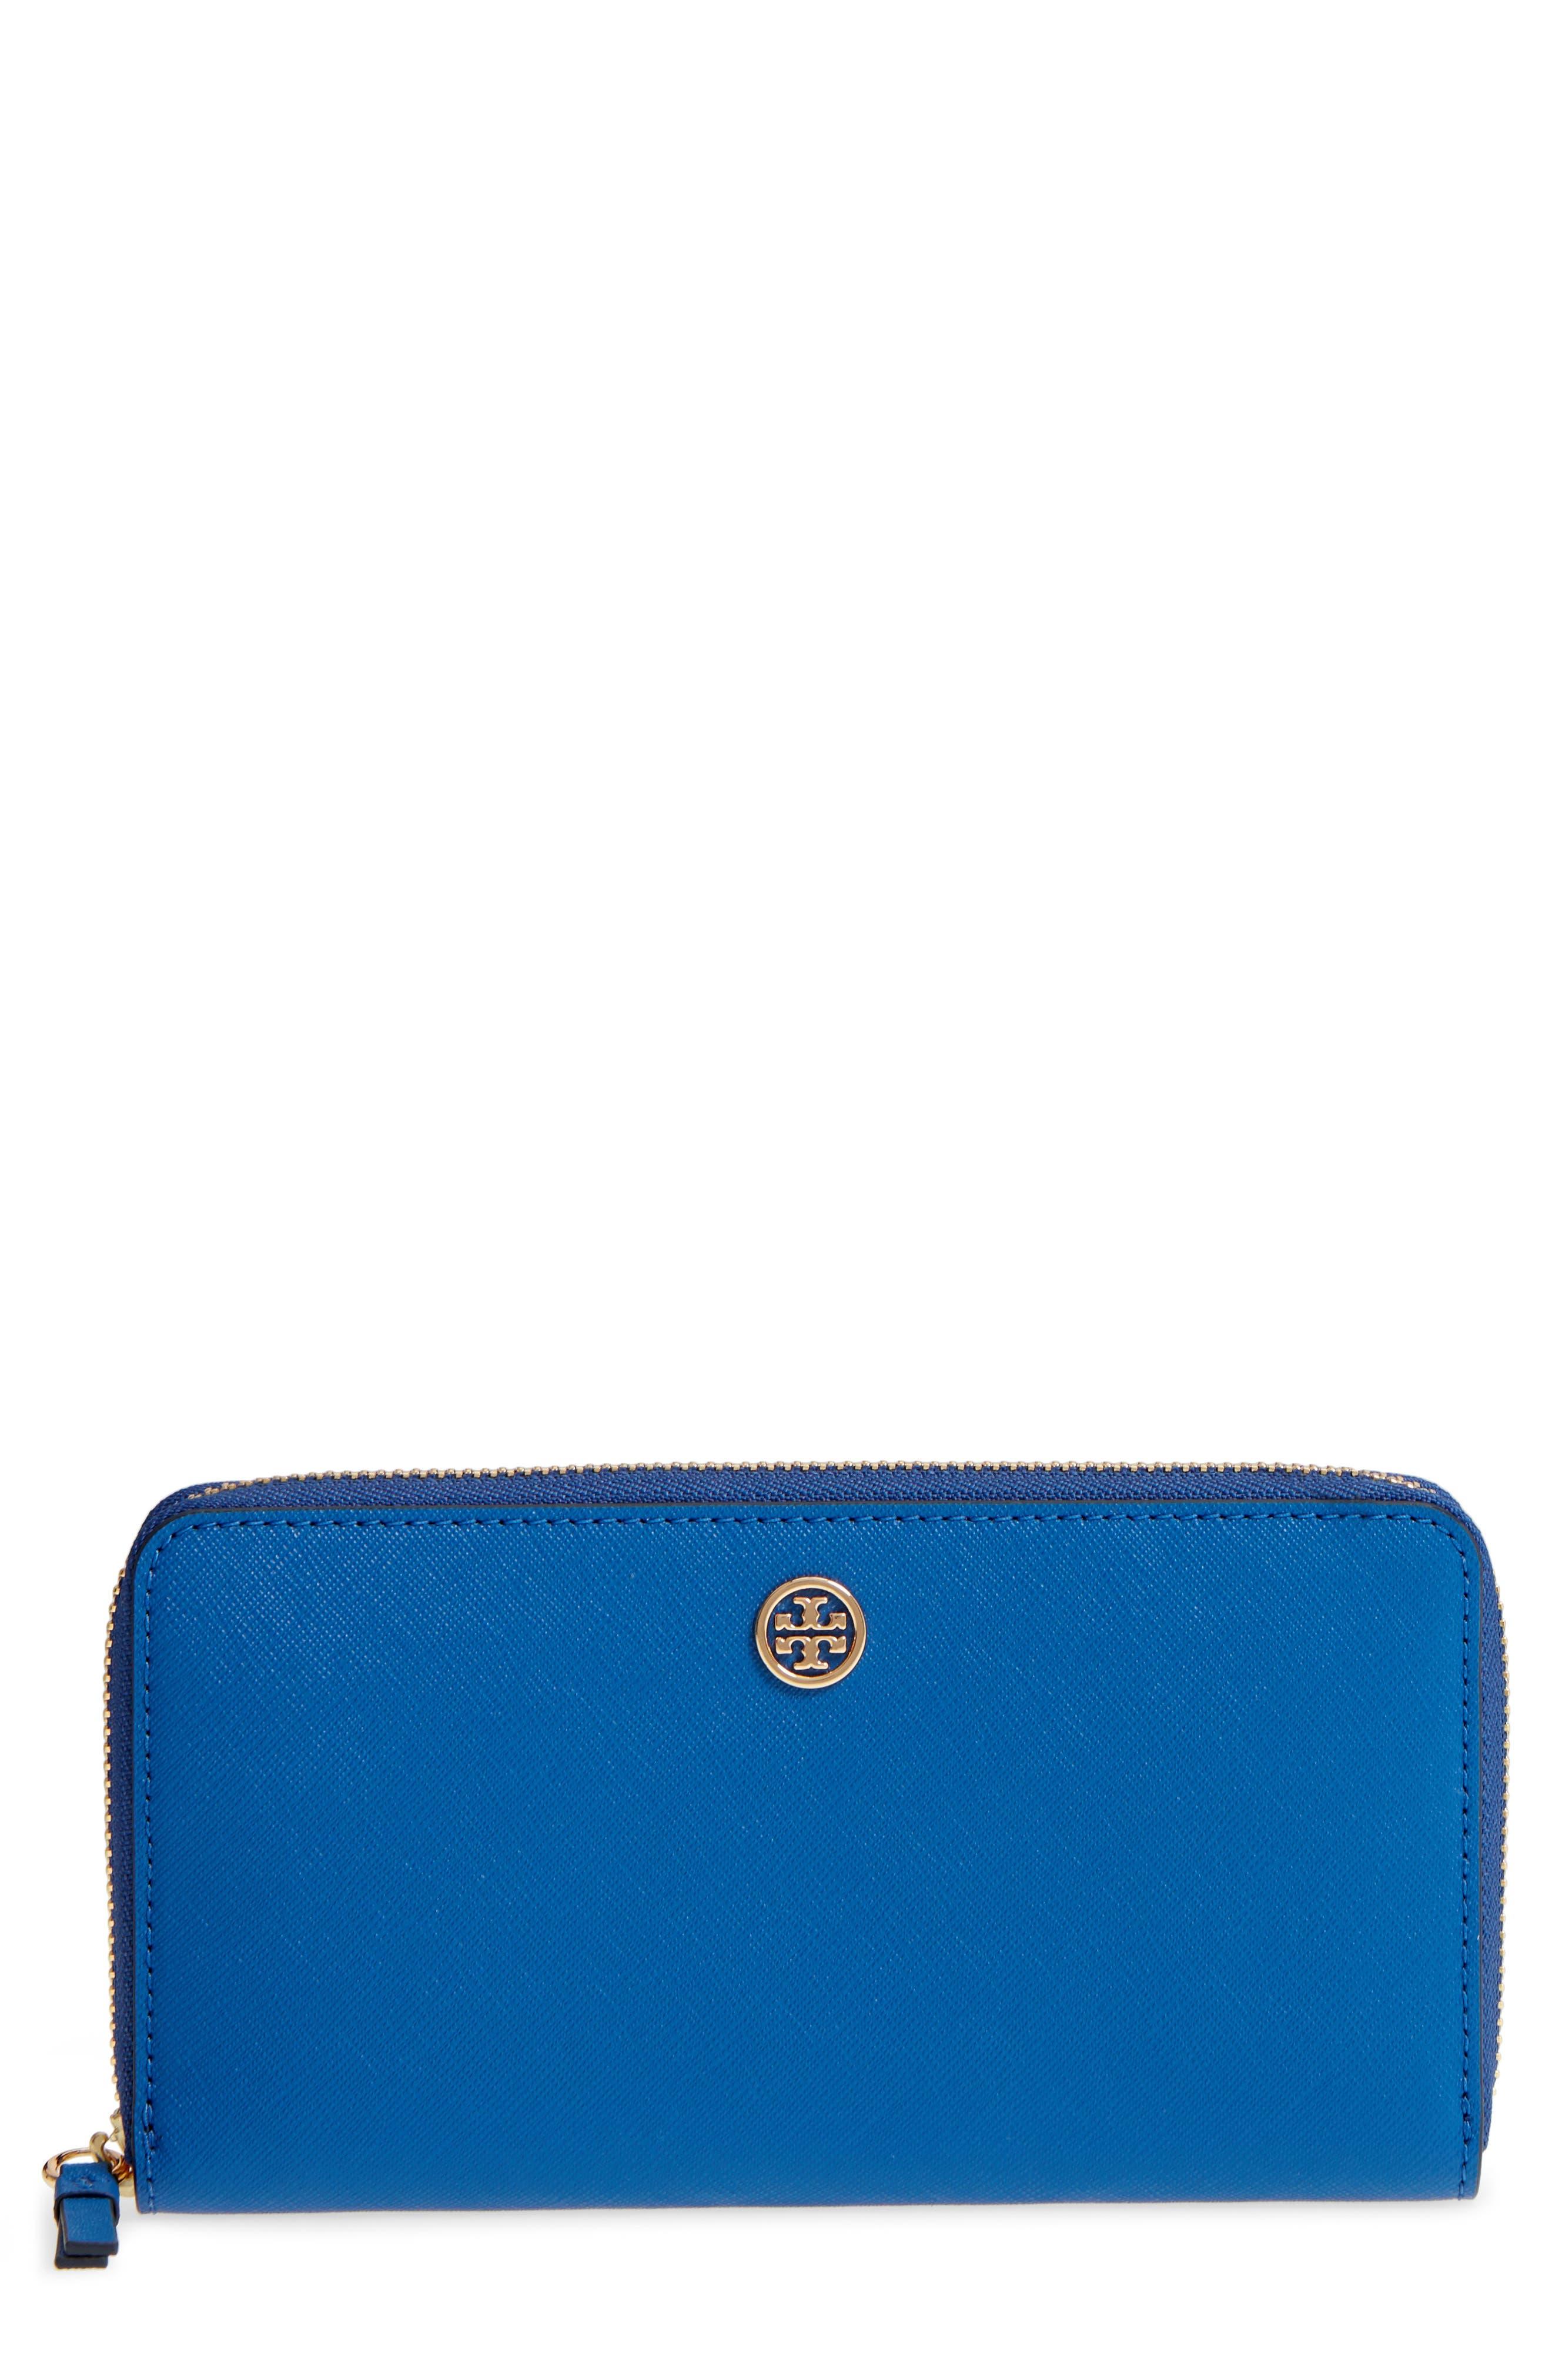 Robinson Zip Continental Wallet,                             Main thumbnail 1, color,                             Regal Blue / Royal Navy